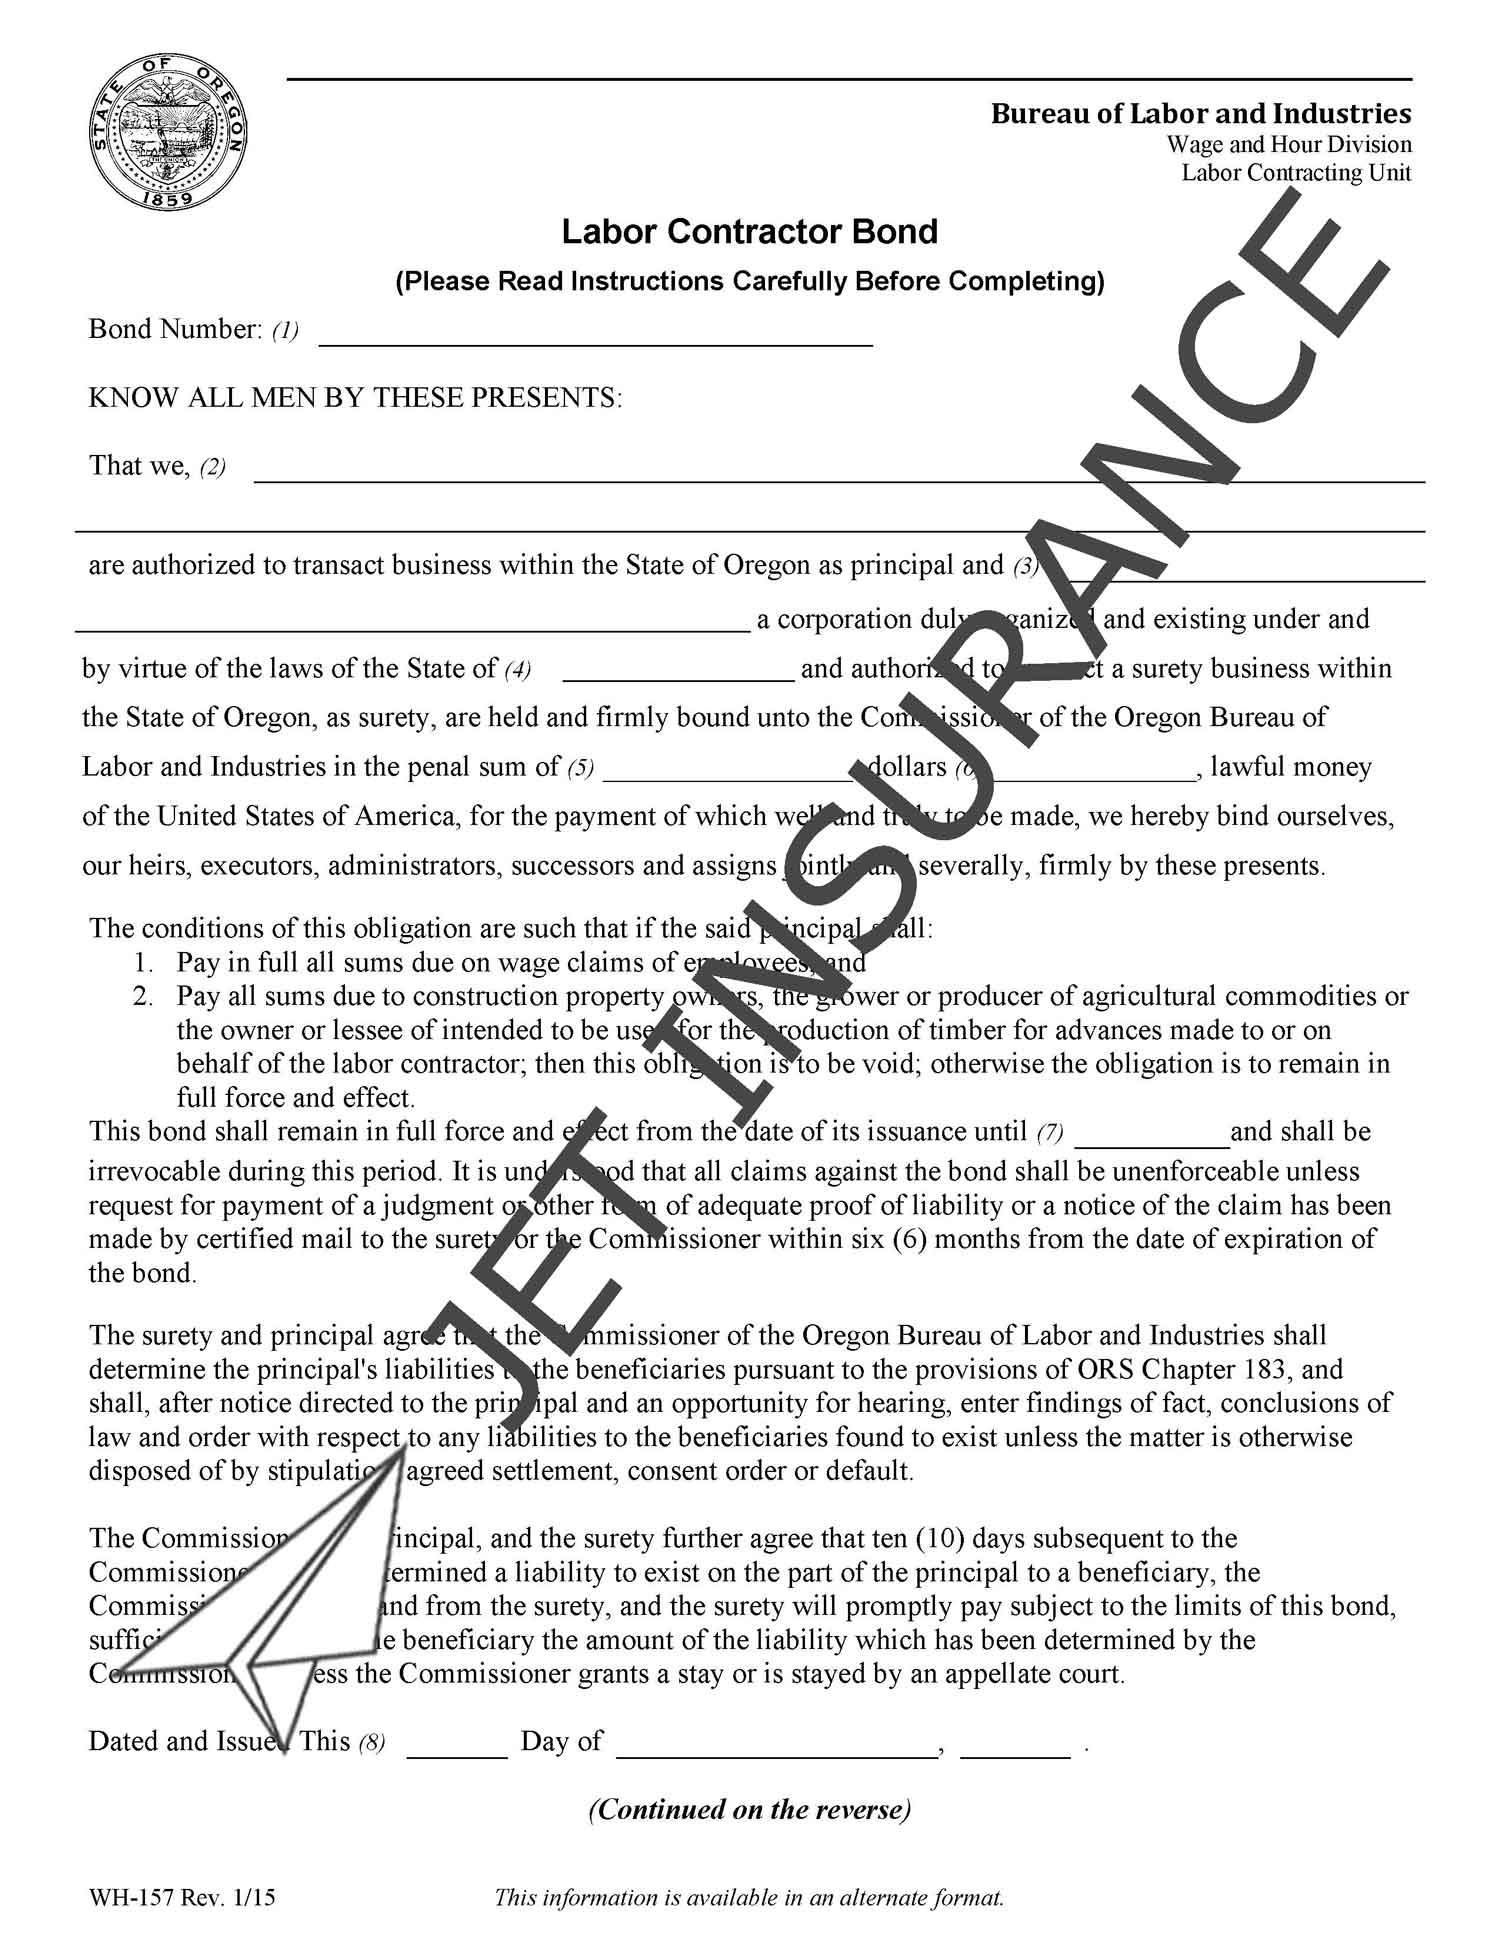 Oregon Labor Contractor Bond Form